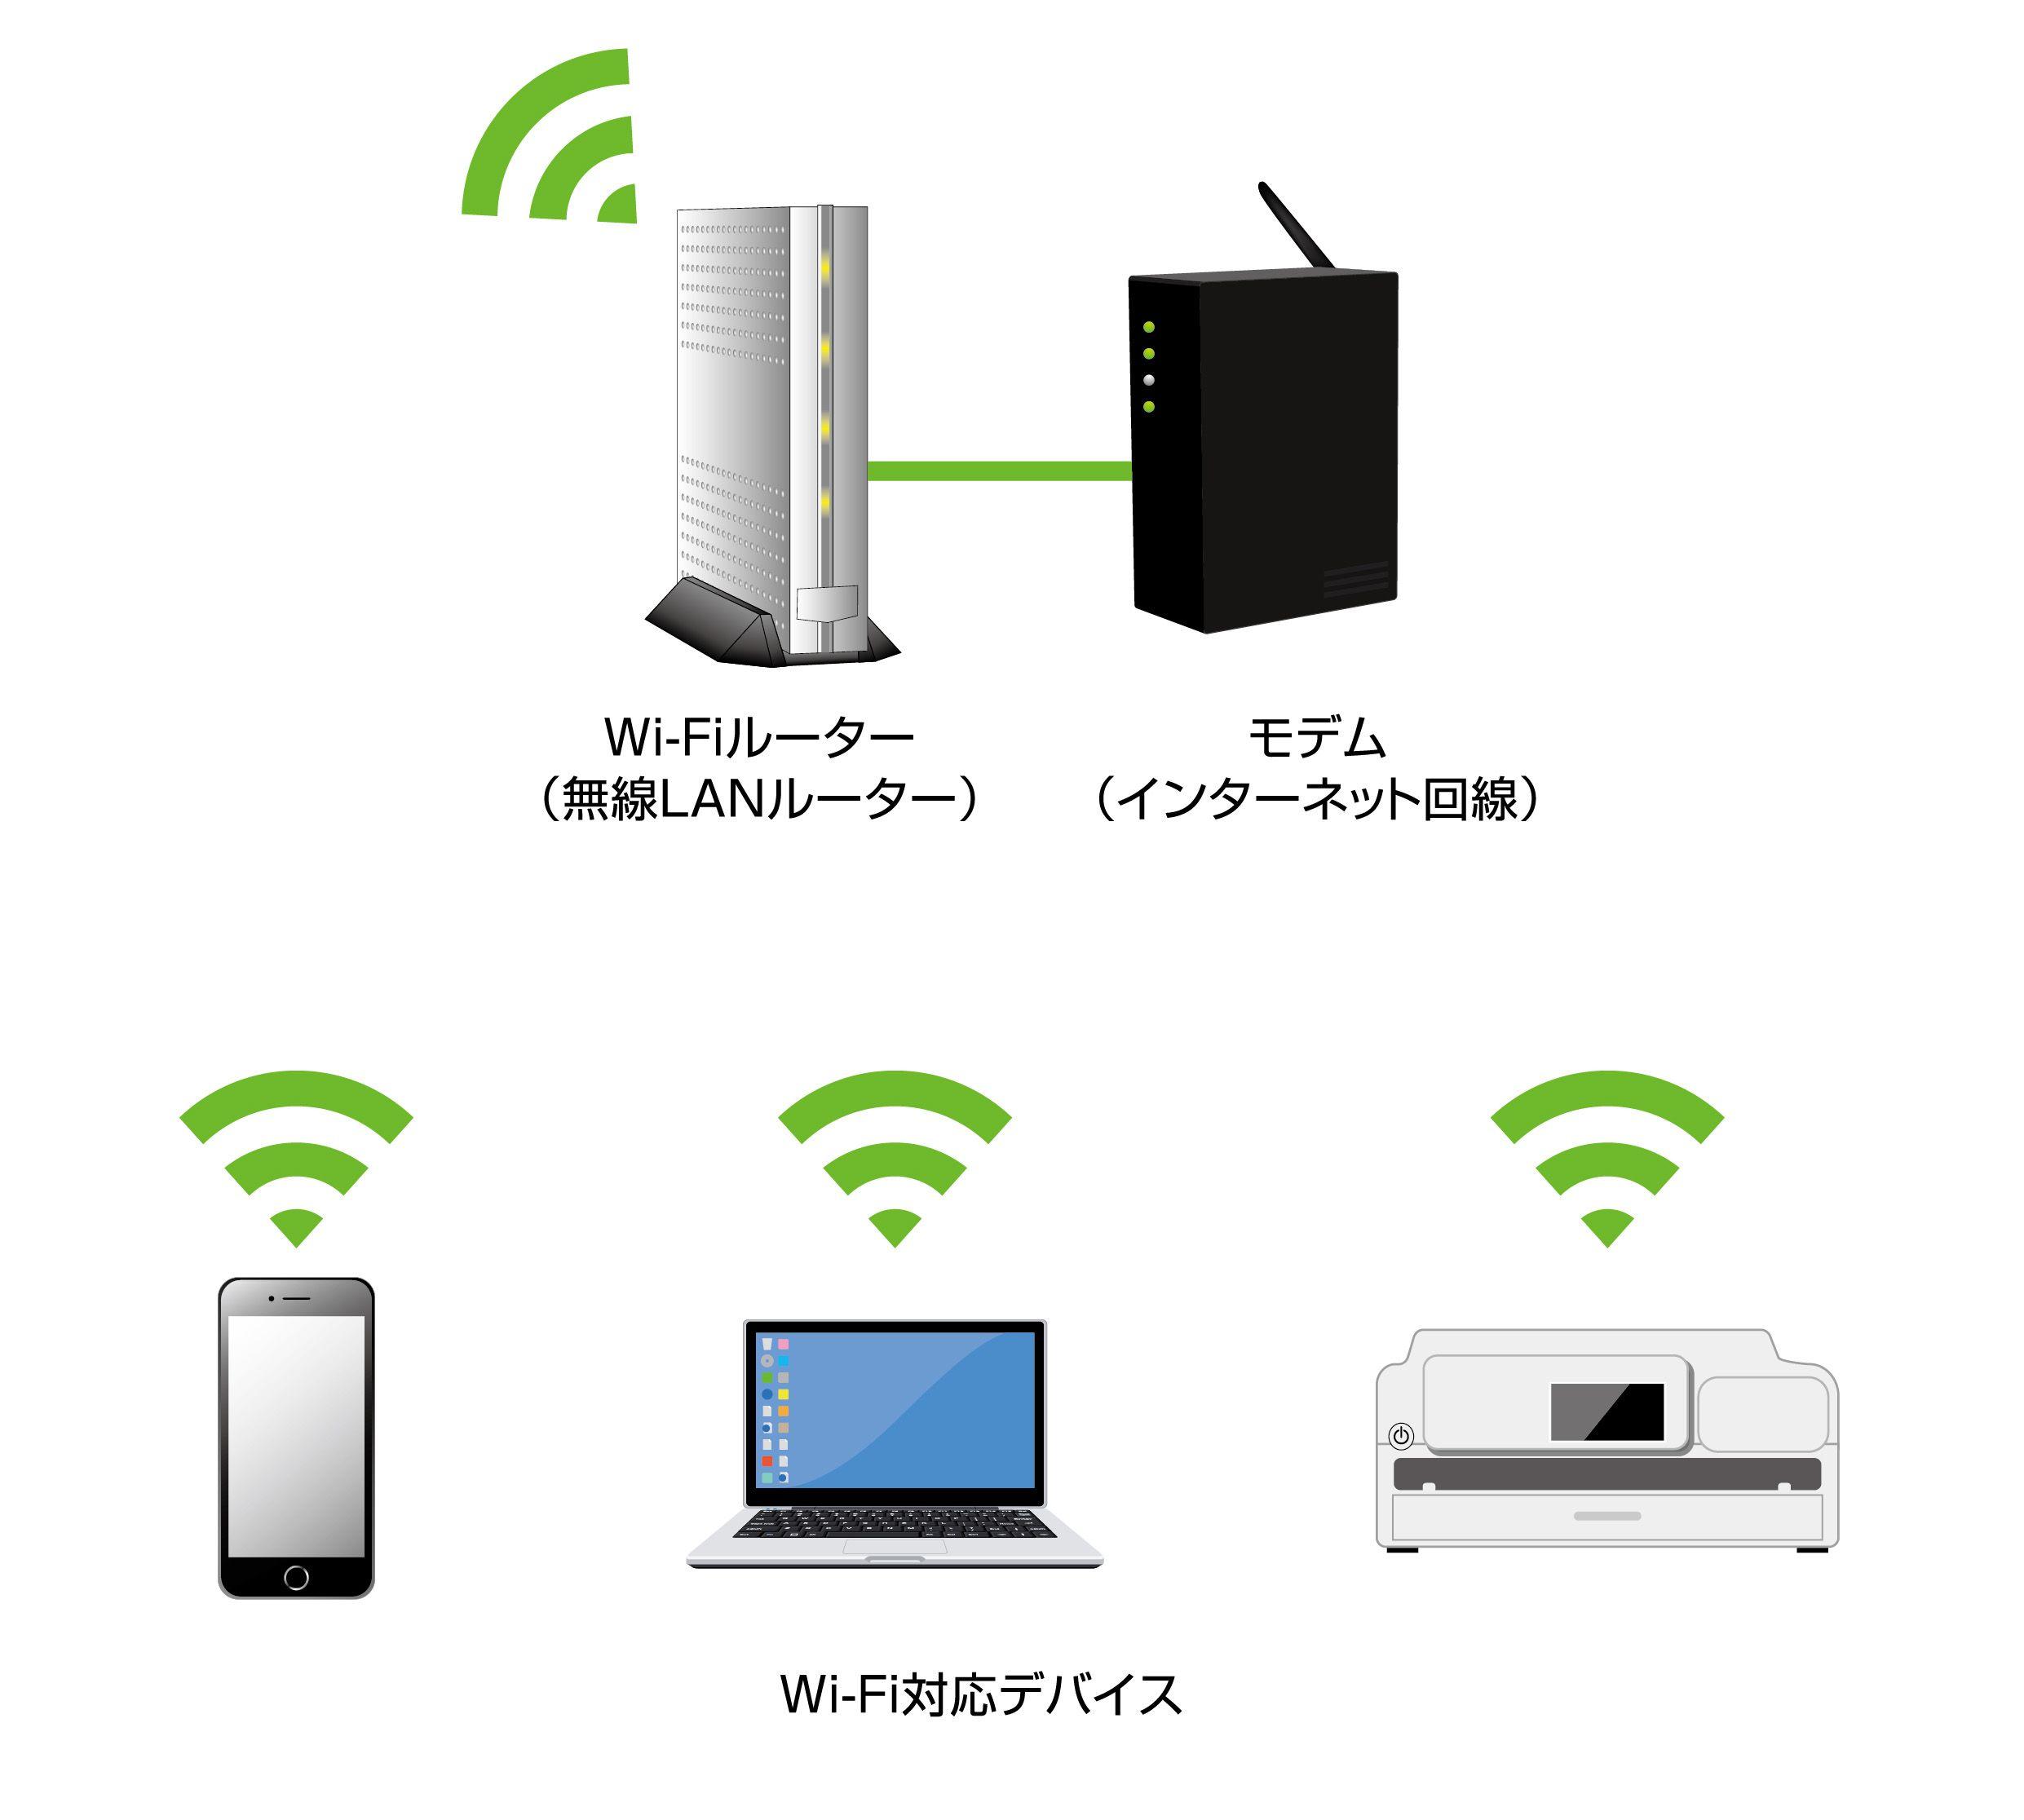 従来のWi-Fiネットワークの仕組み